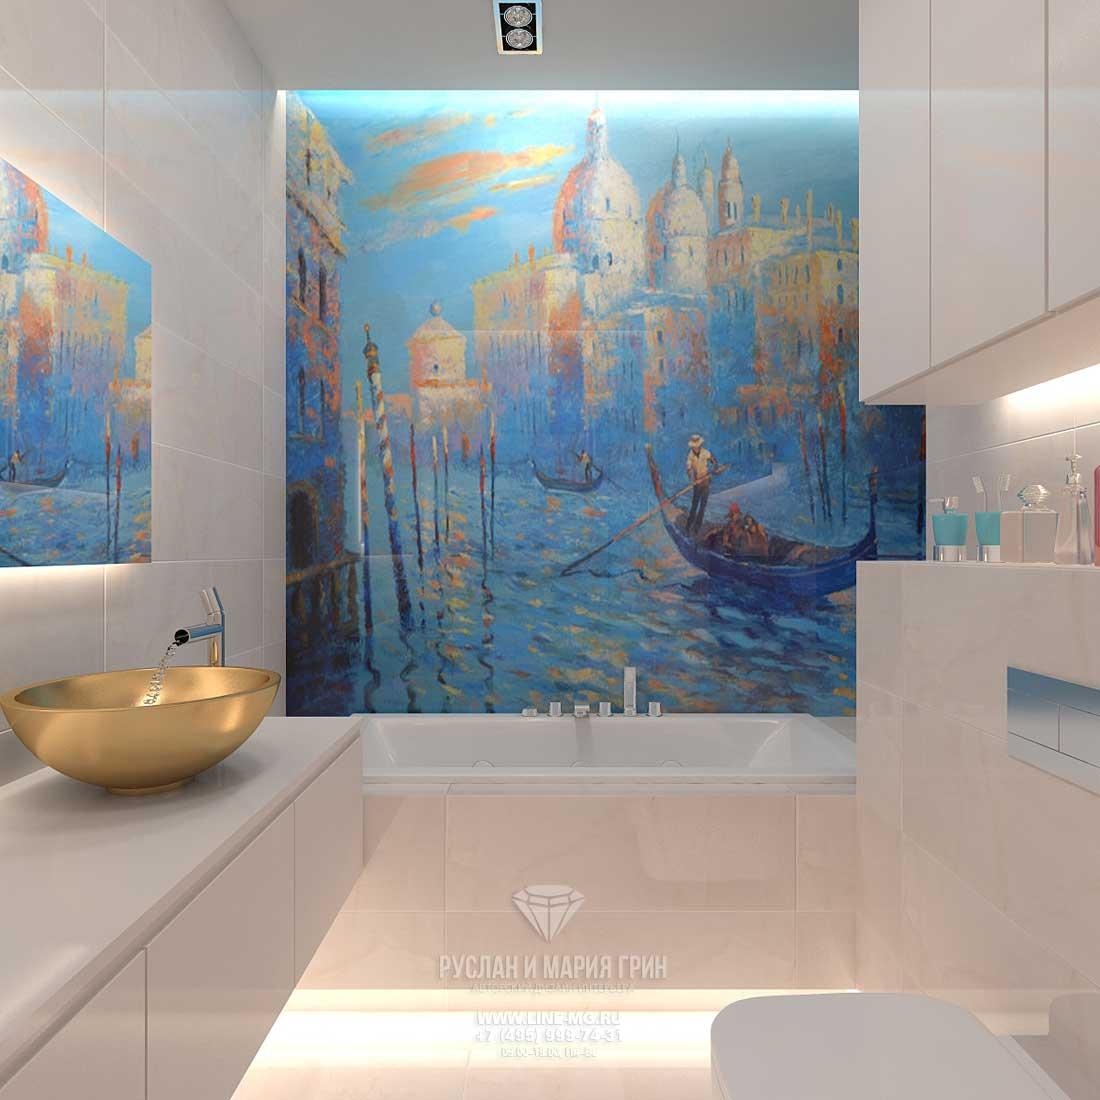 Дизайн интерьера светлой ванной комнаты